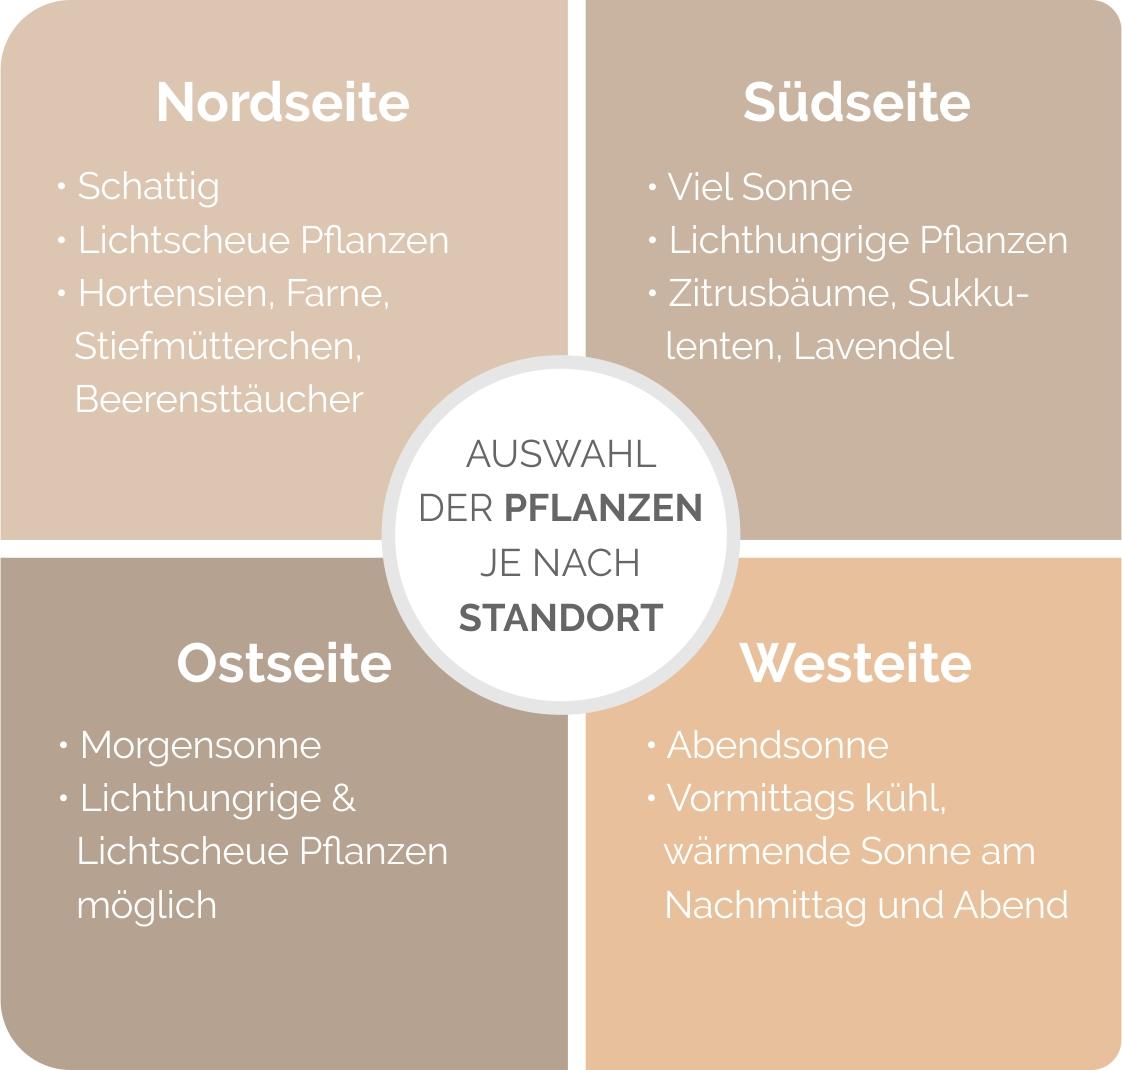 Auswahl der Pflanzen nach Standort